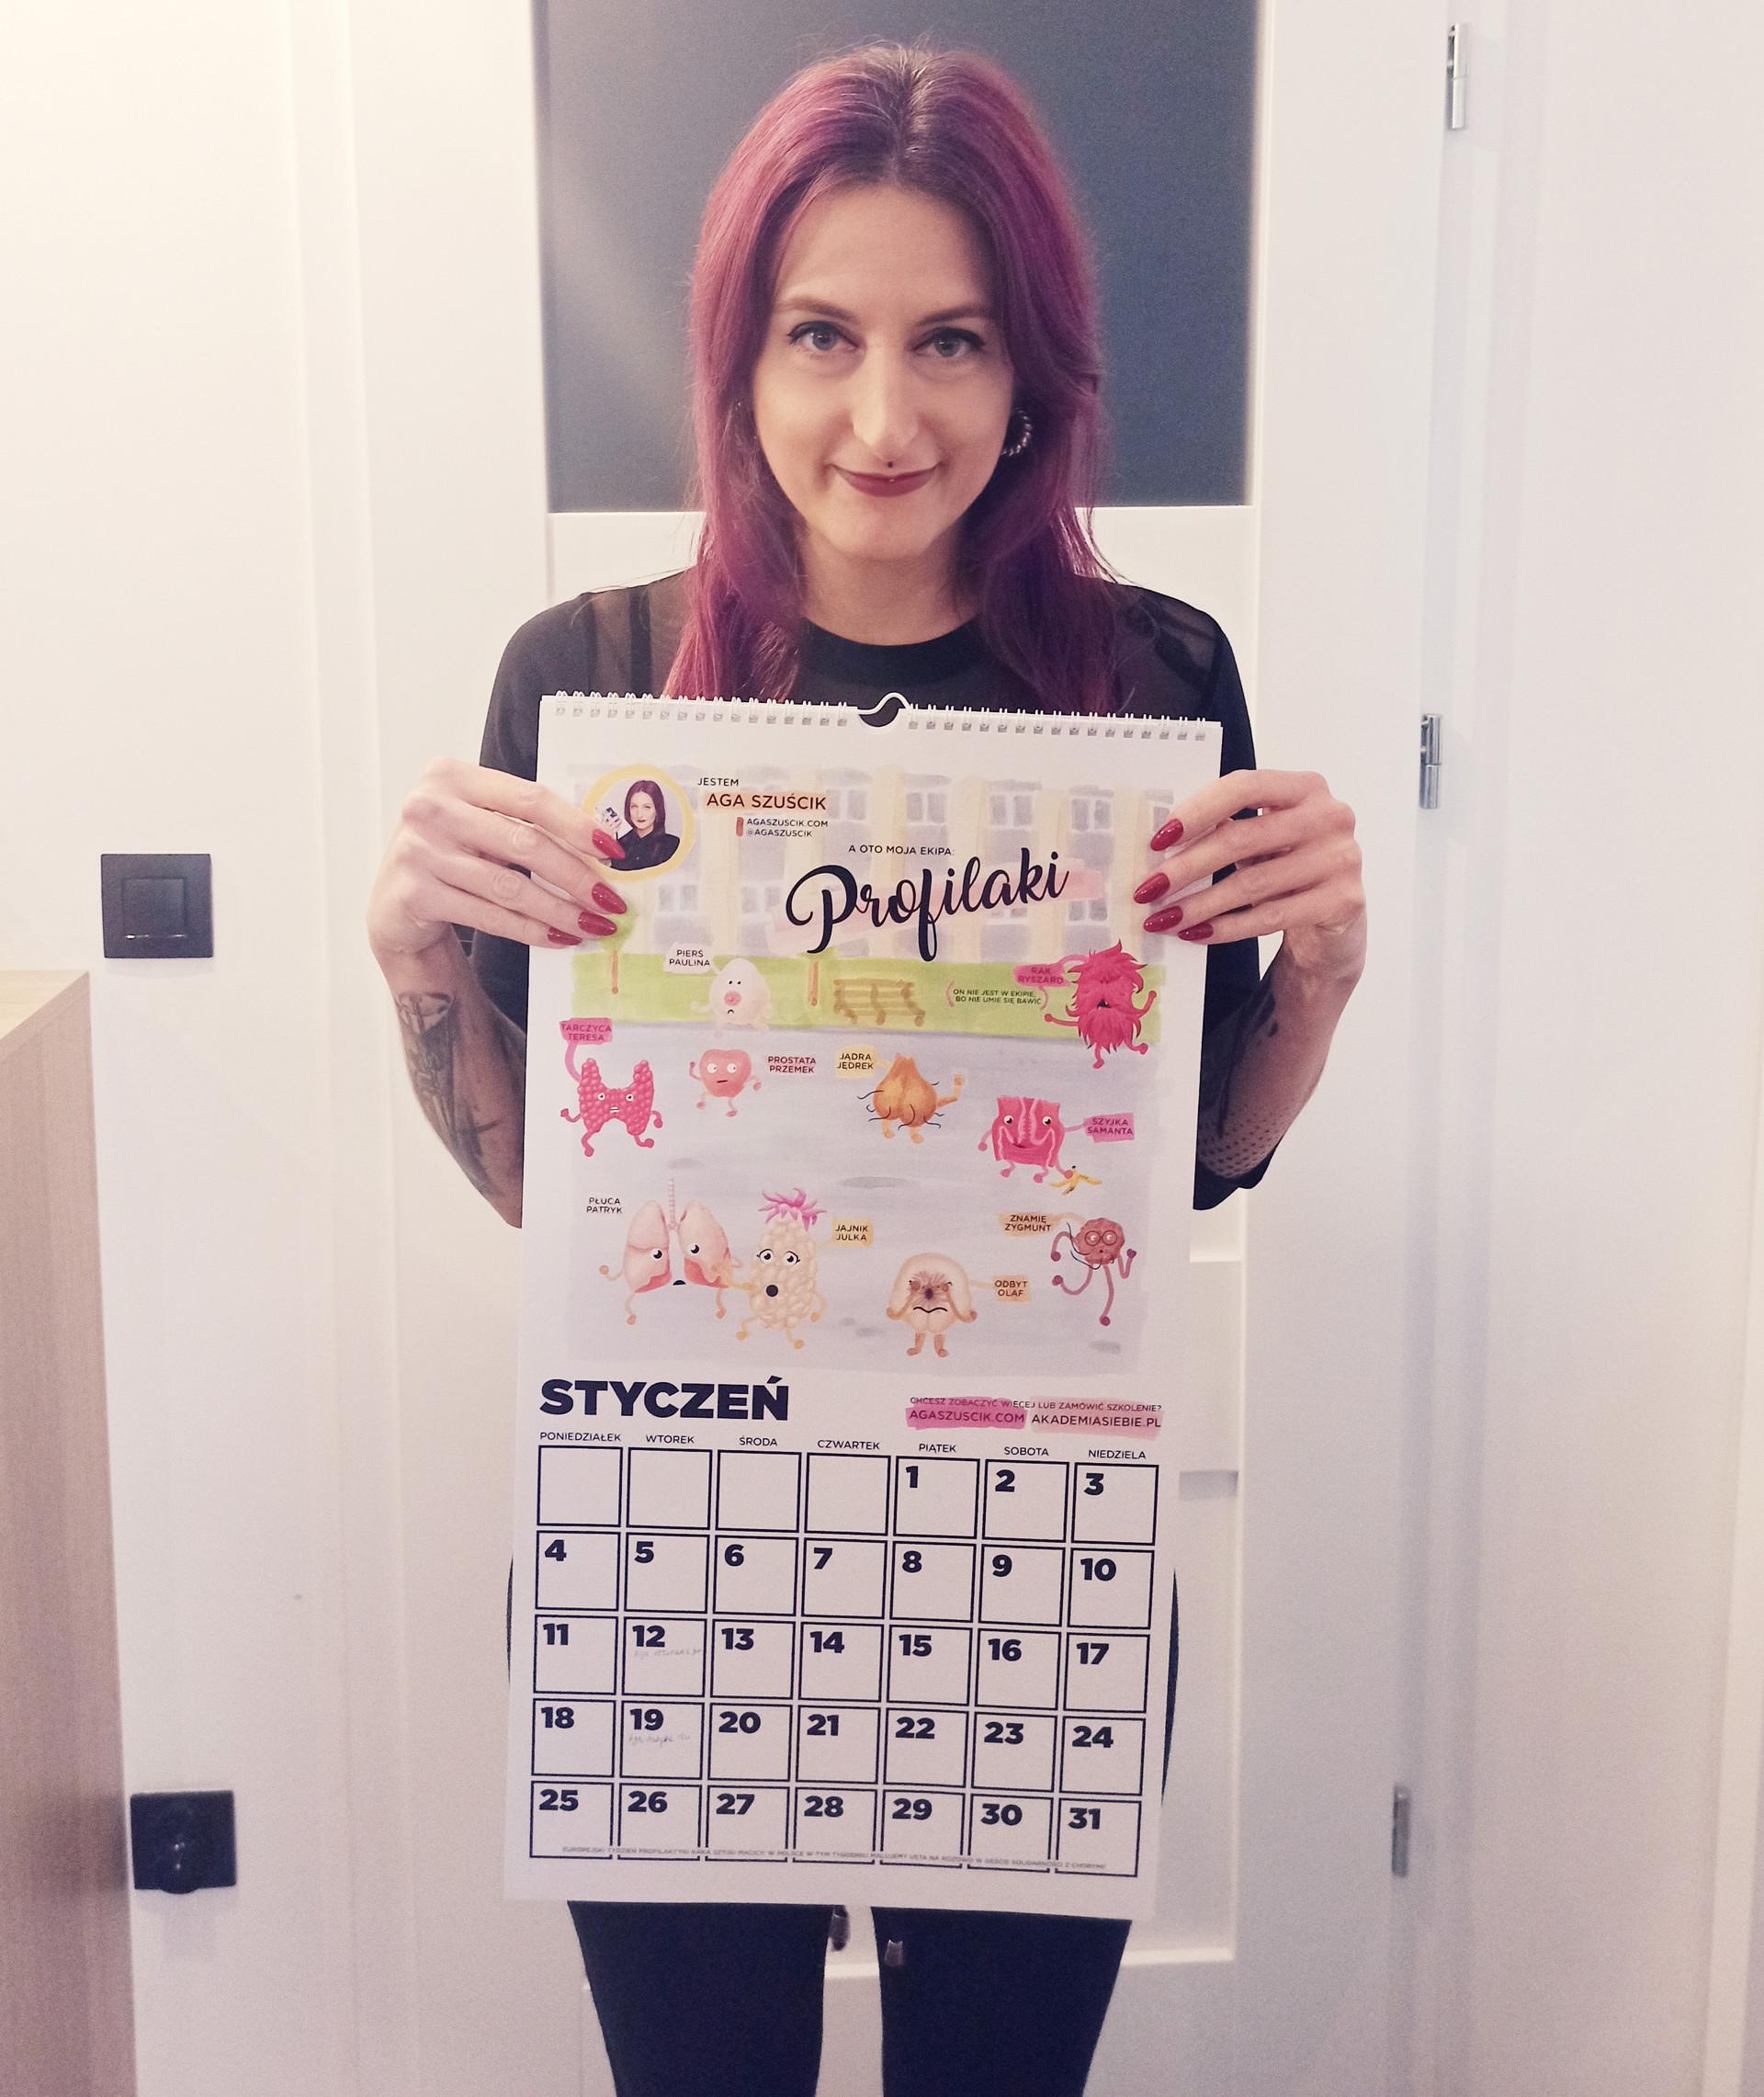 Chcesz zamówić taki kalendarz? Napisz do mnie